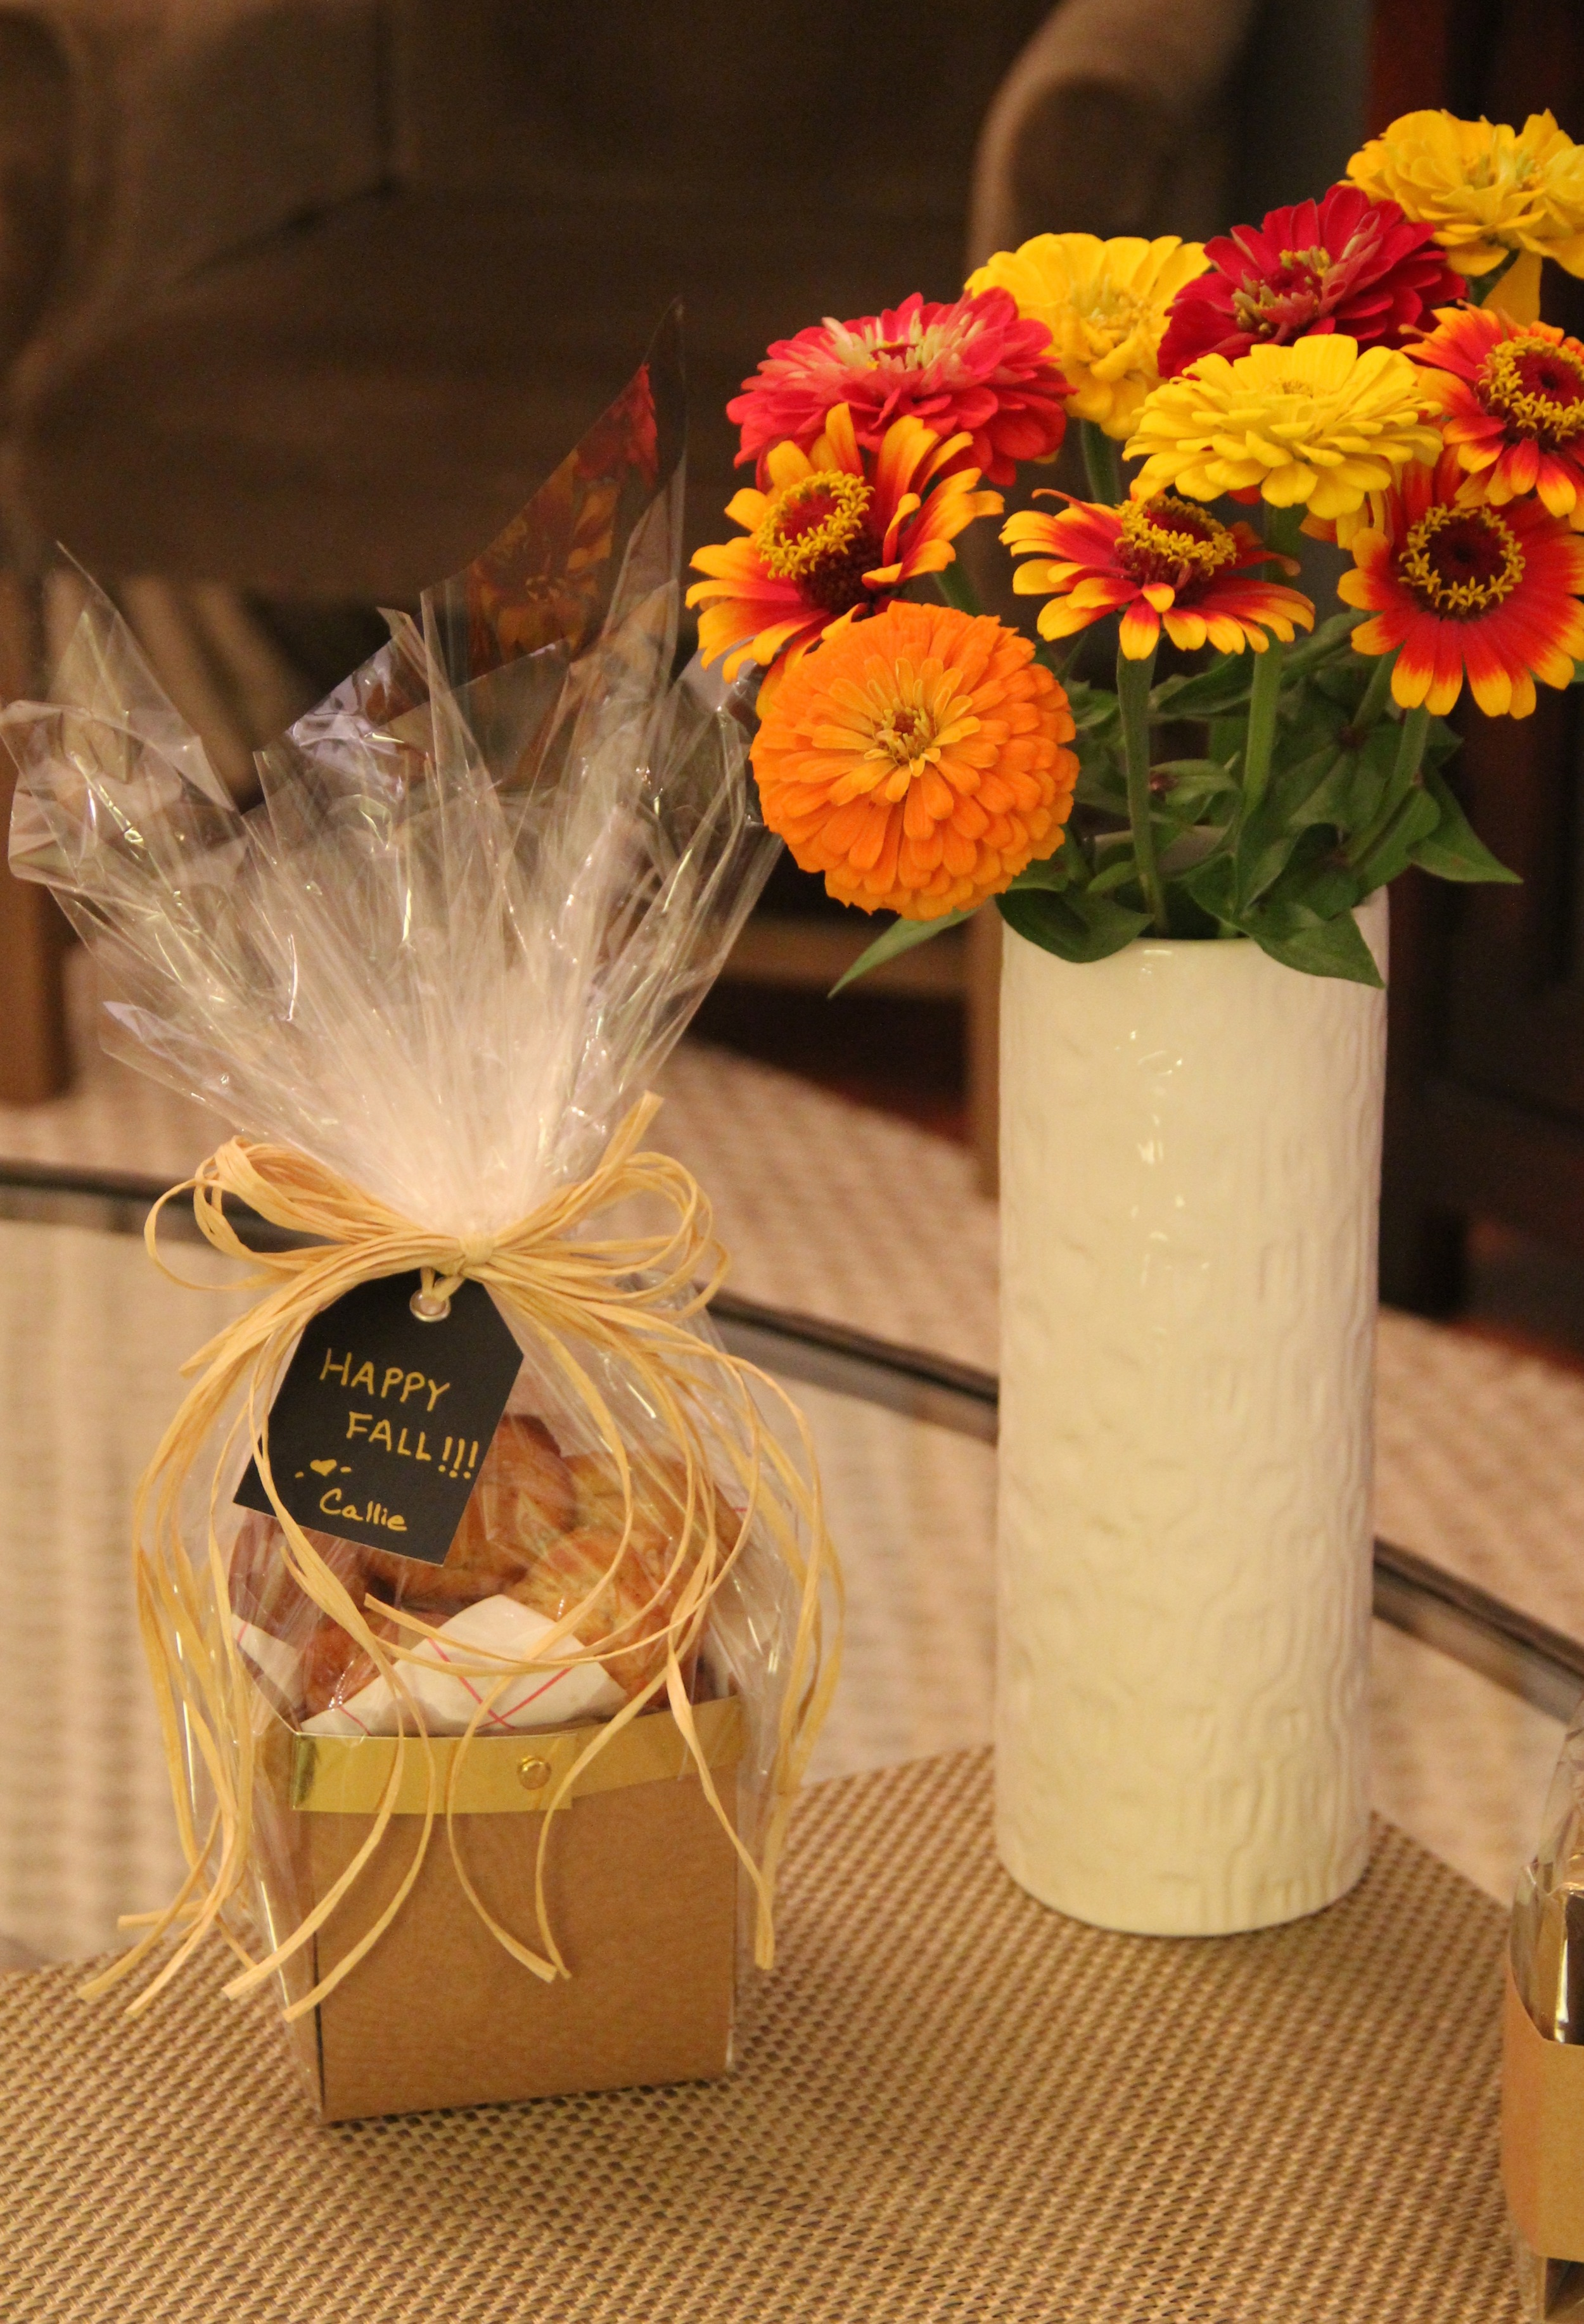 Fall Giftbag.jpg